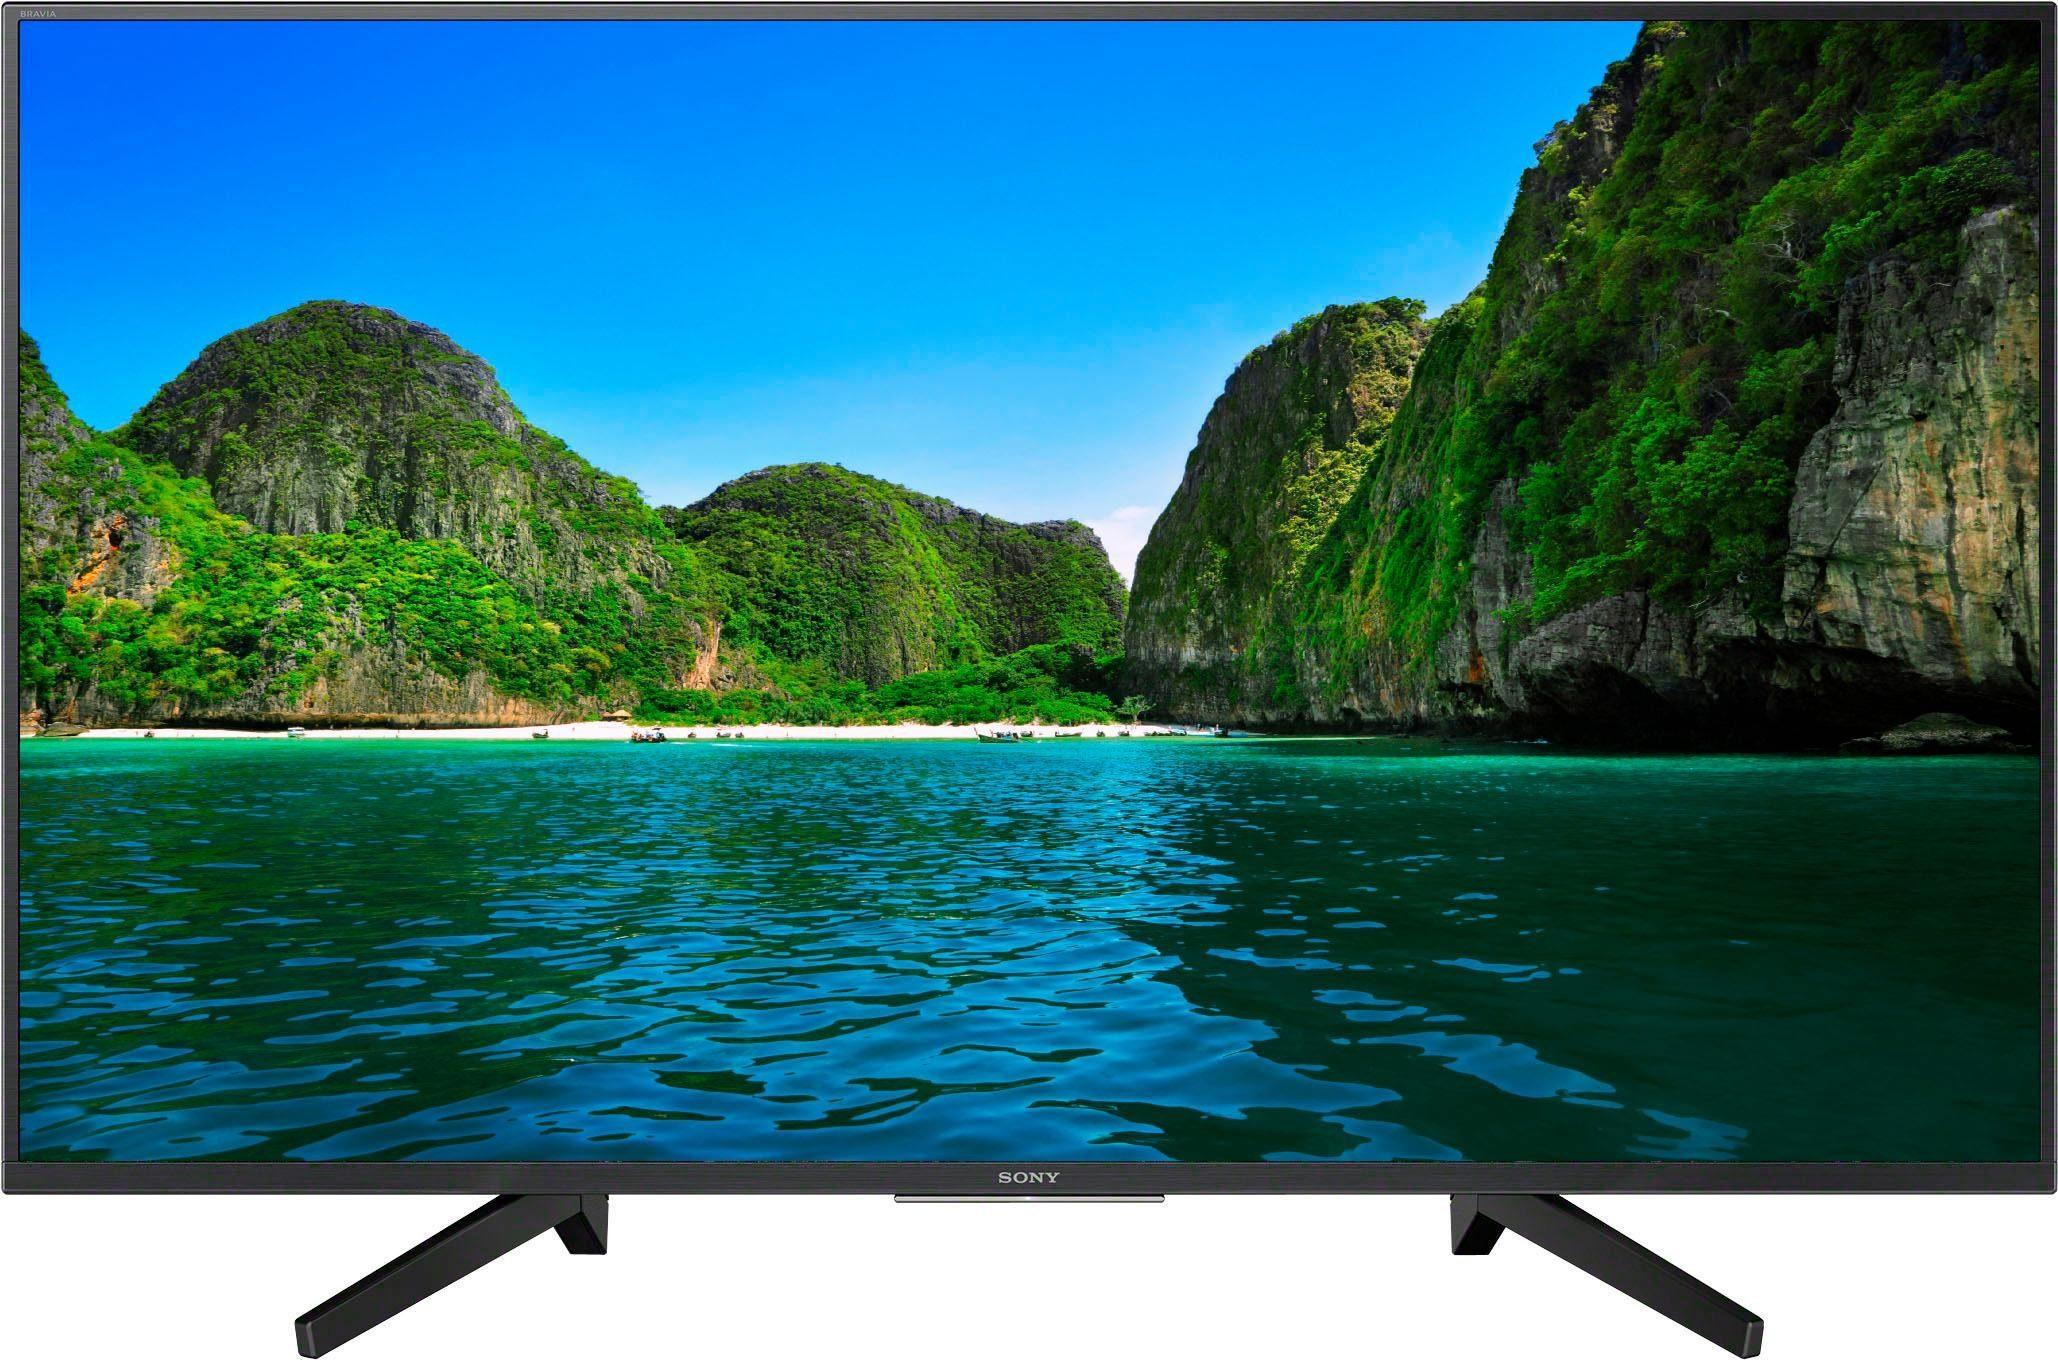 Sony KD65XF7004 LED-Fernseher (164 cm/65 Zoll, 4K Ultra HD, Smart-TV)